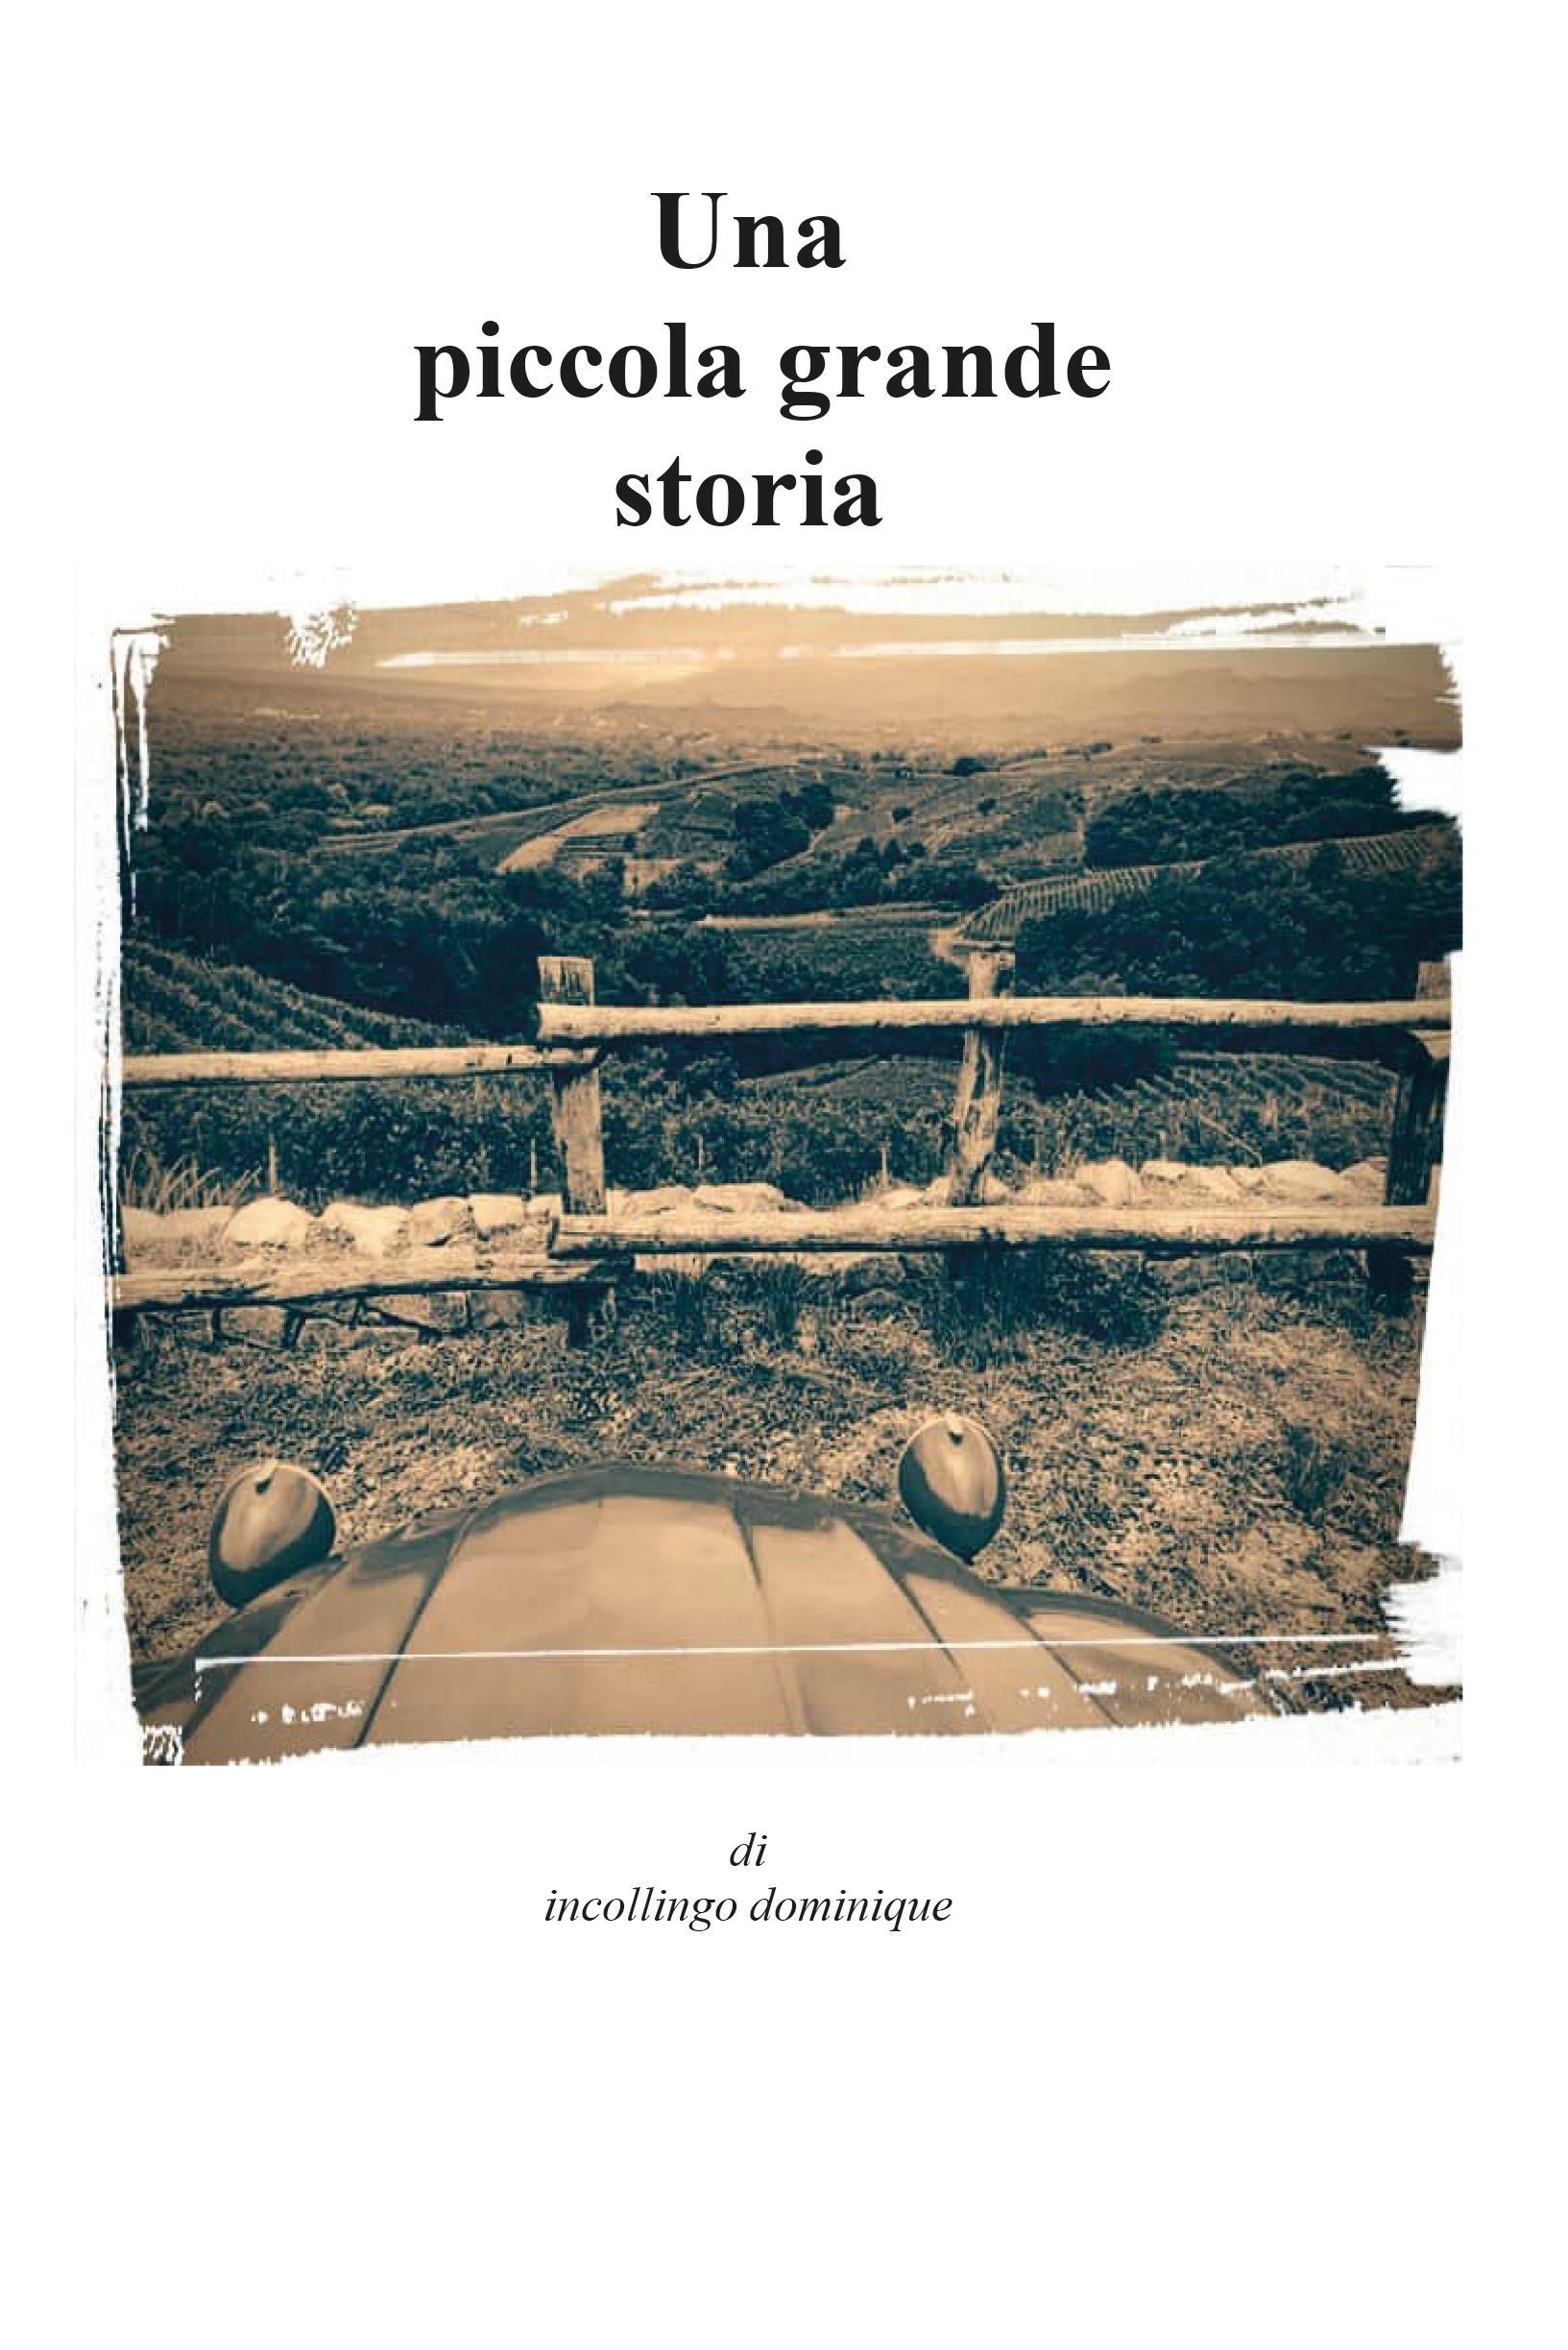 Una piccola grande storia